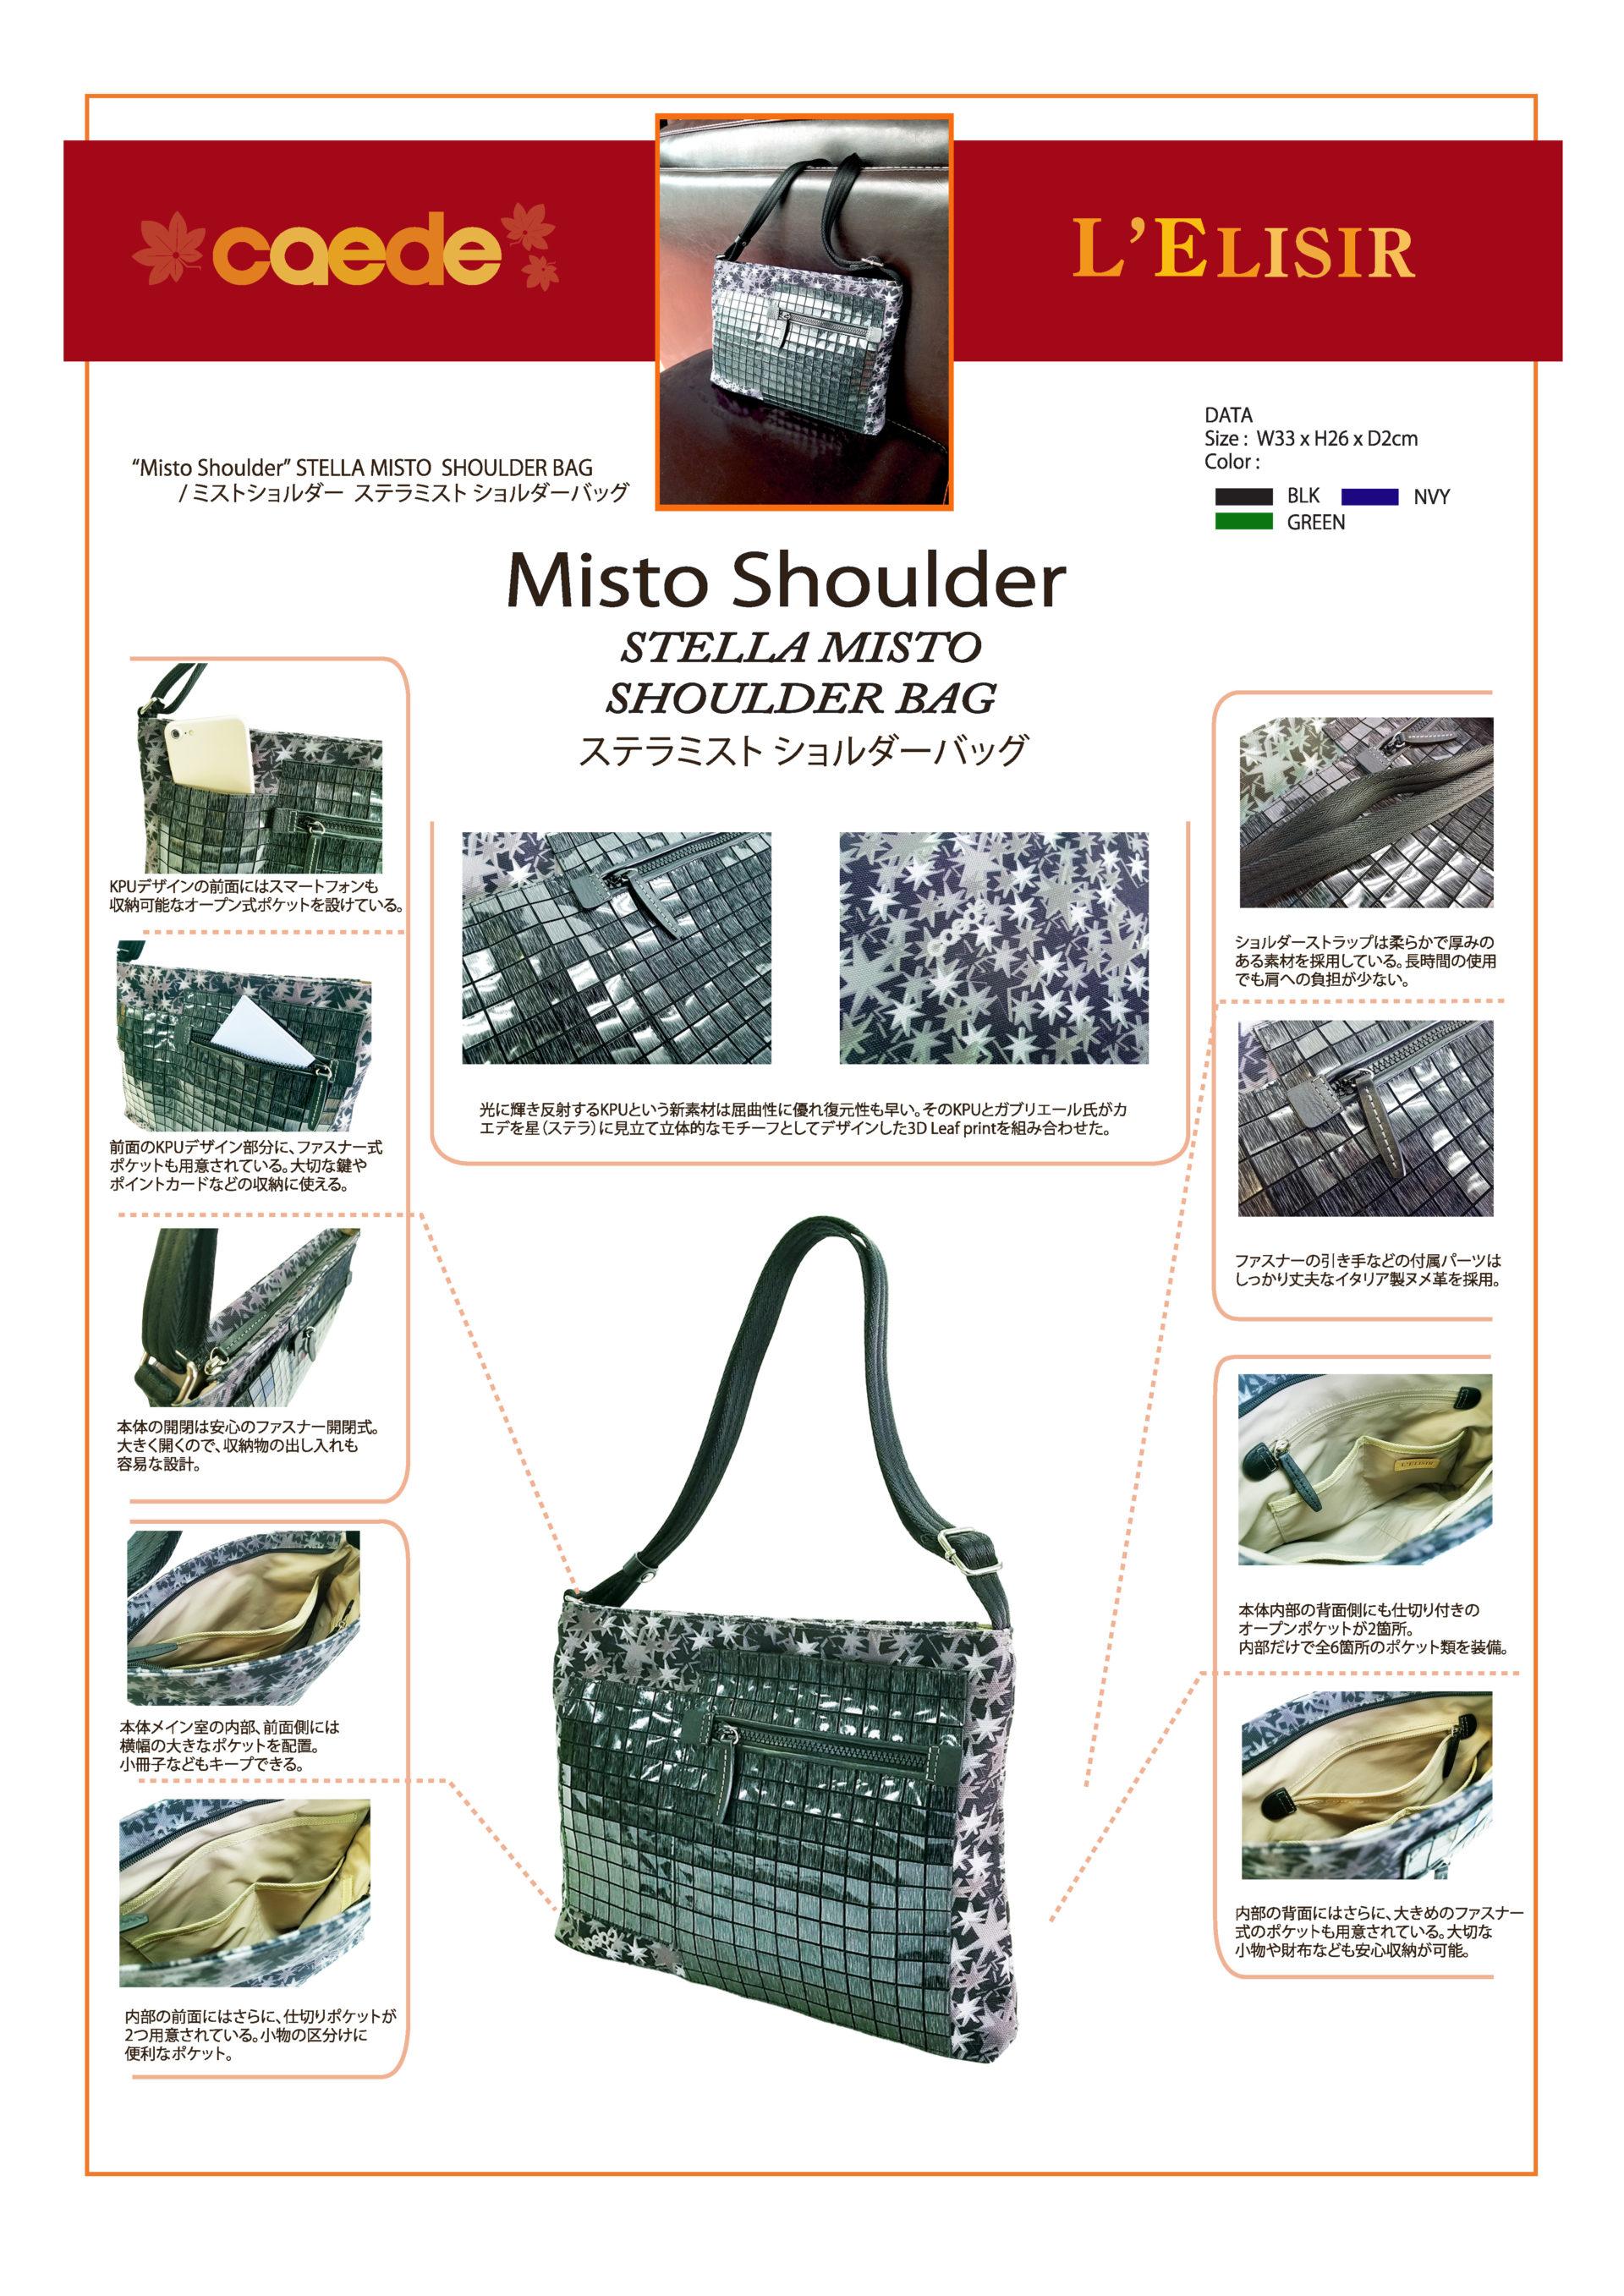 misto shoulder